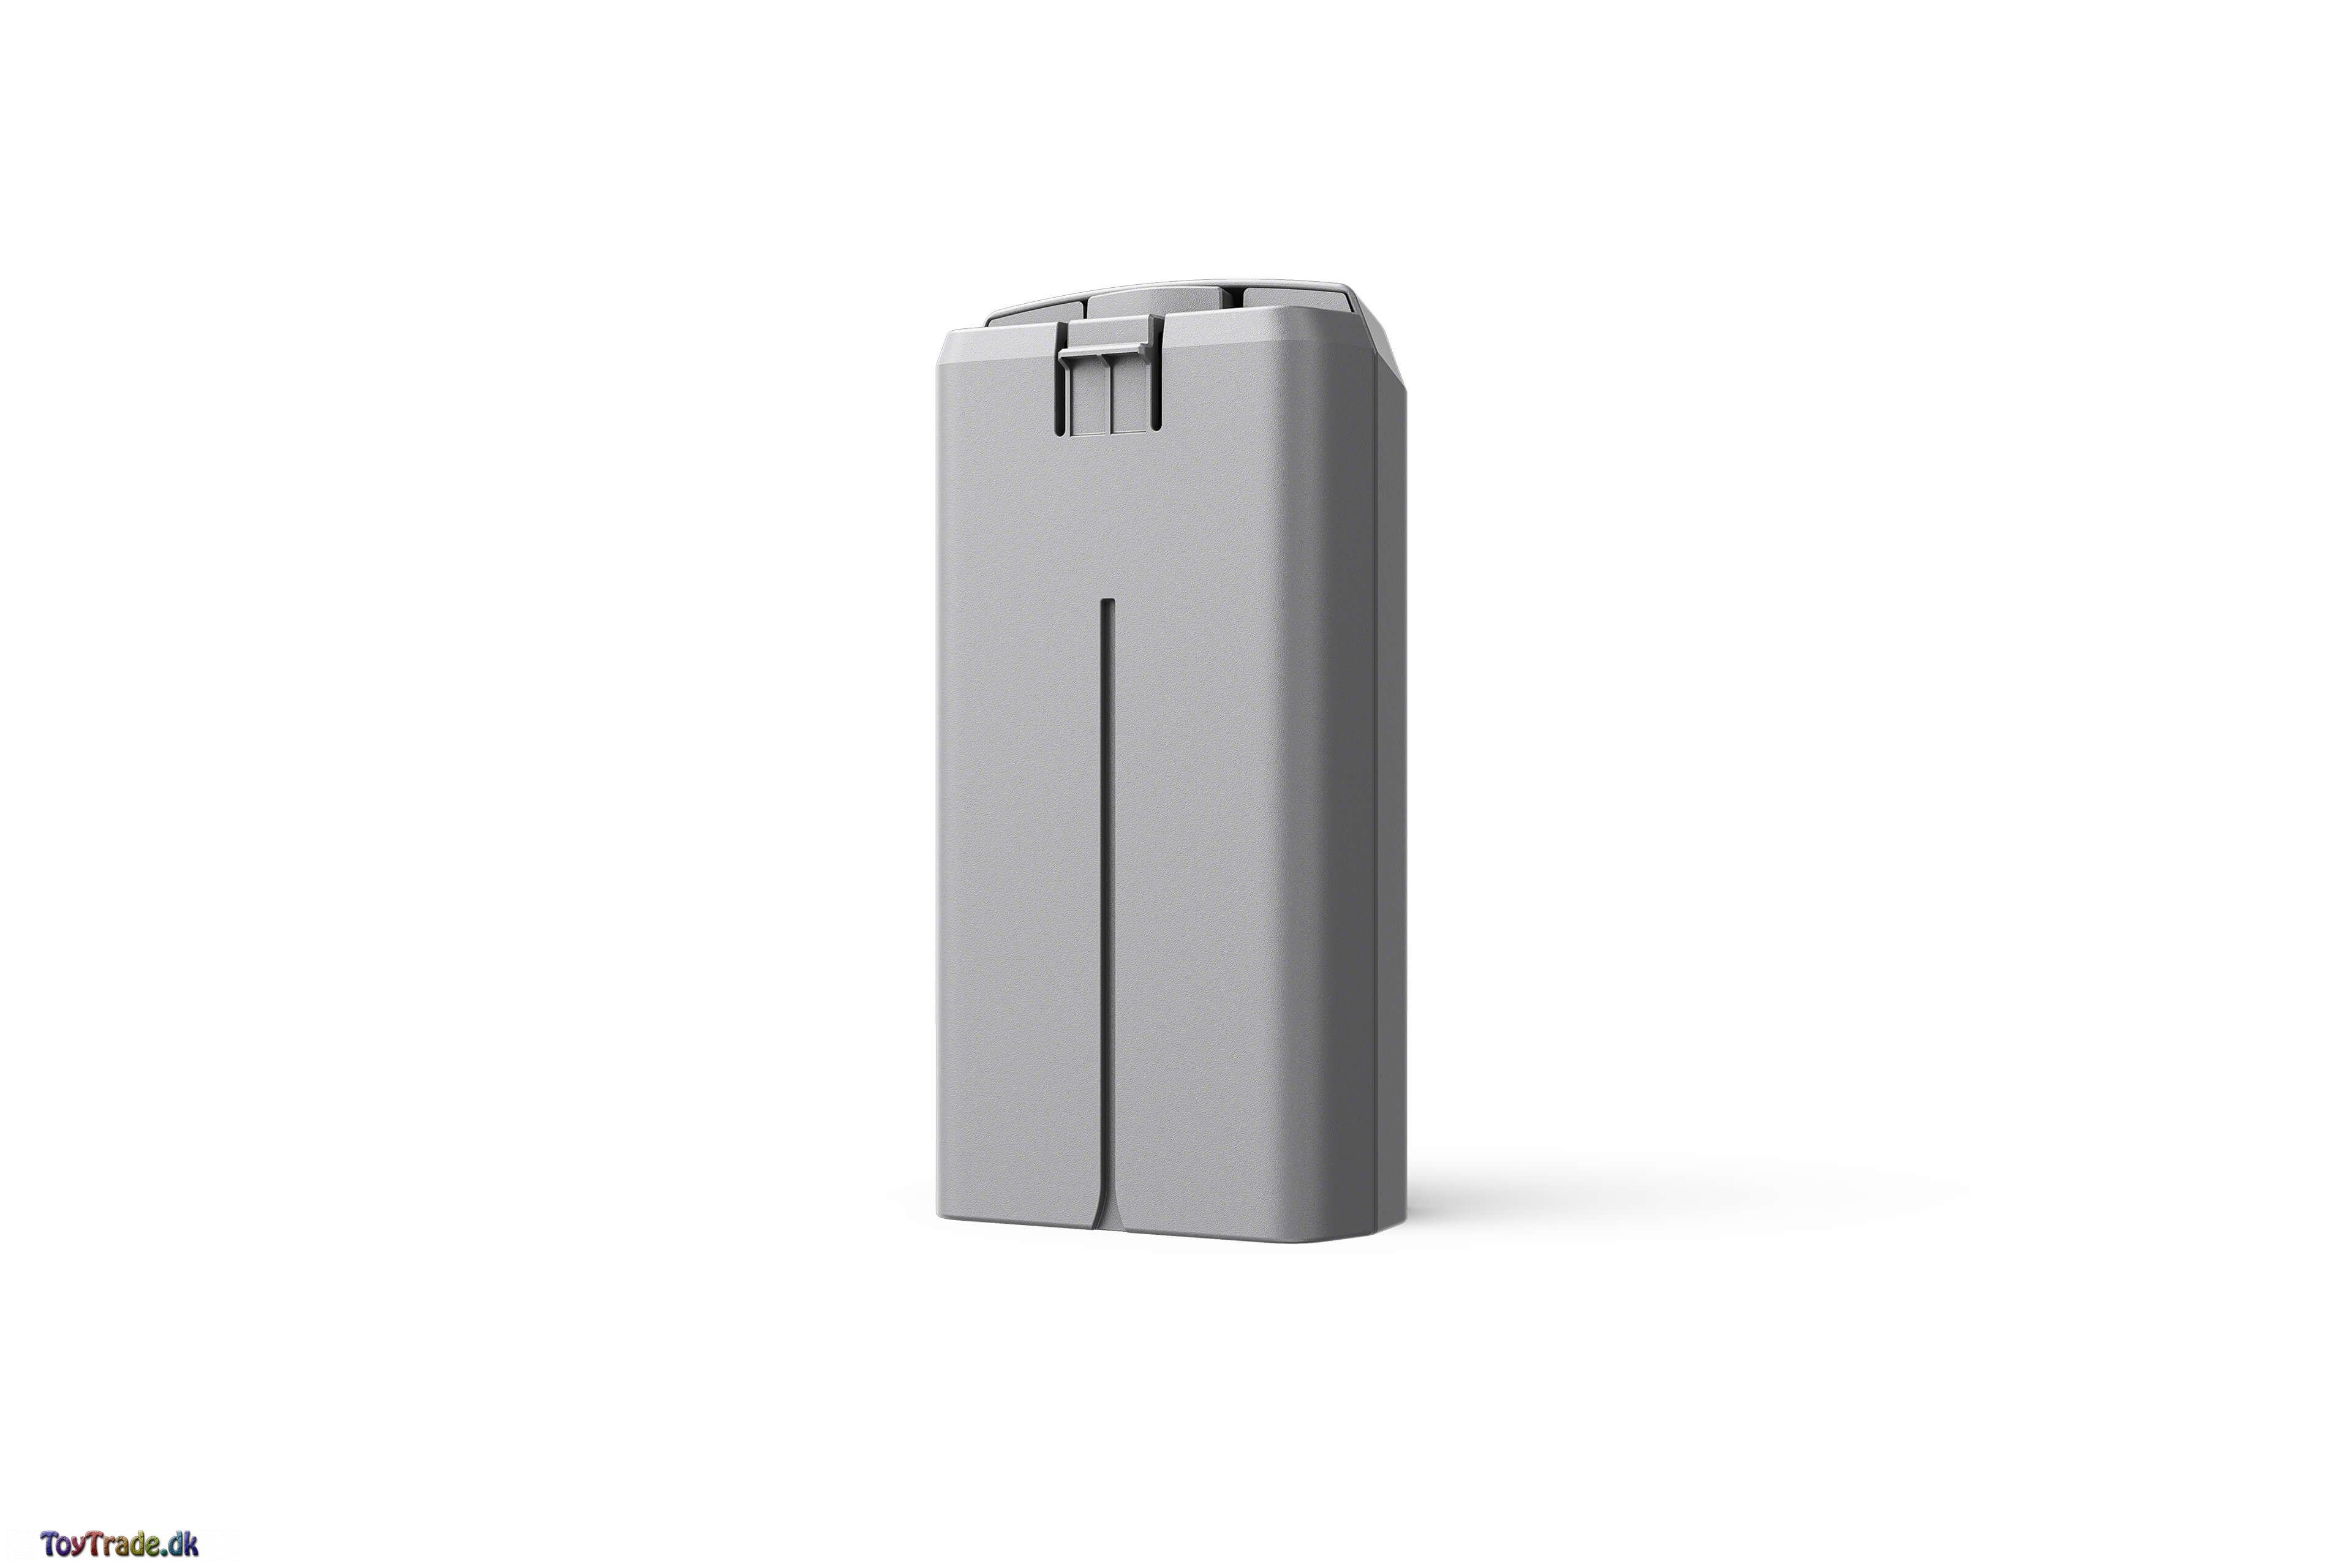 DJI Mini 2 drone batteri